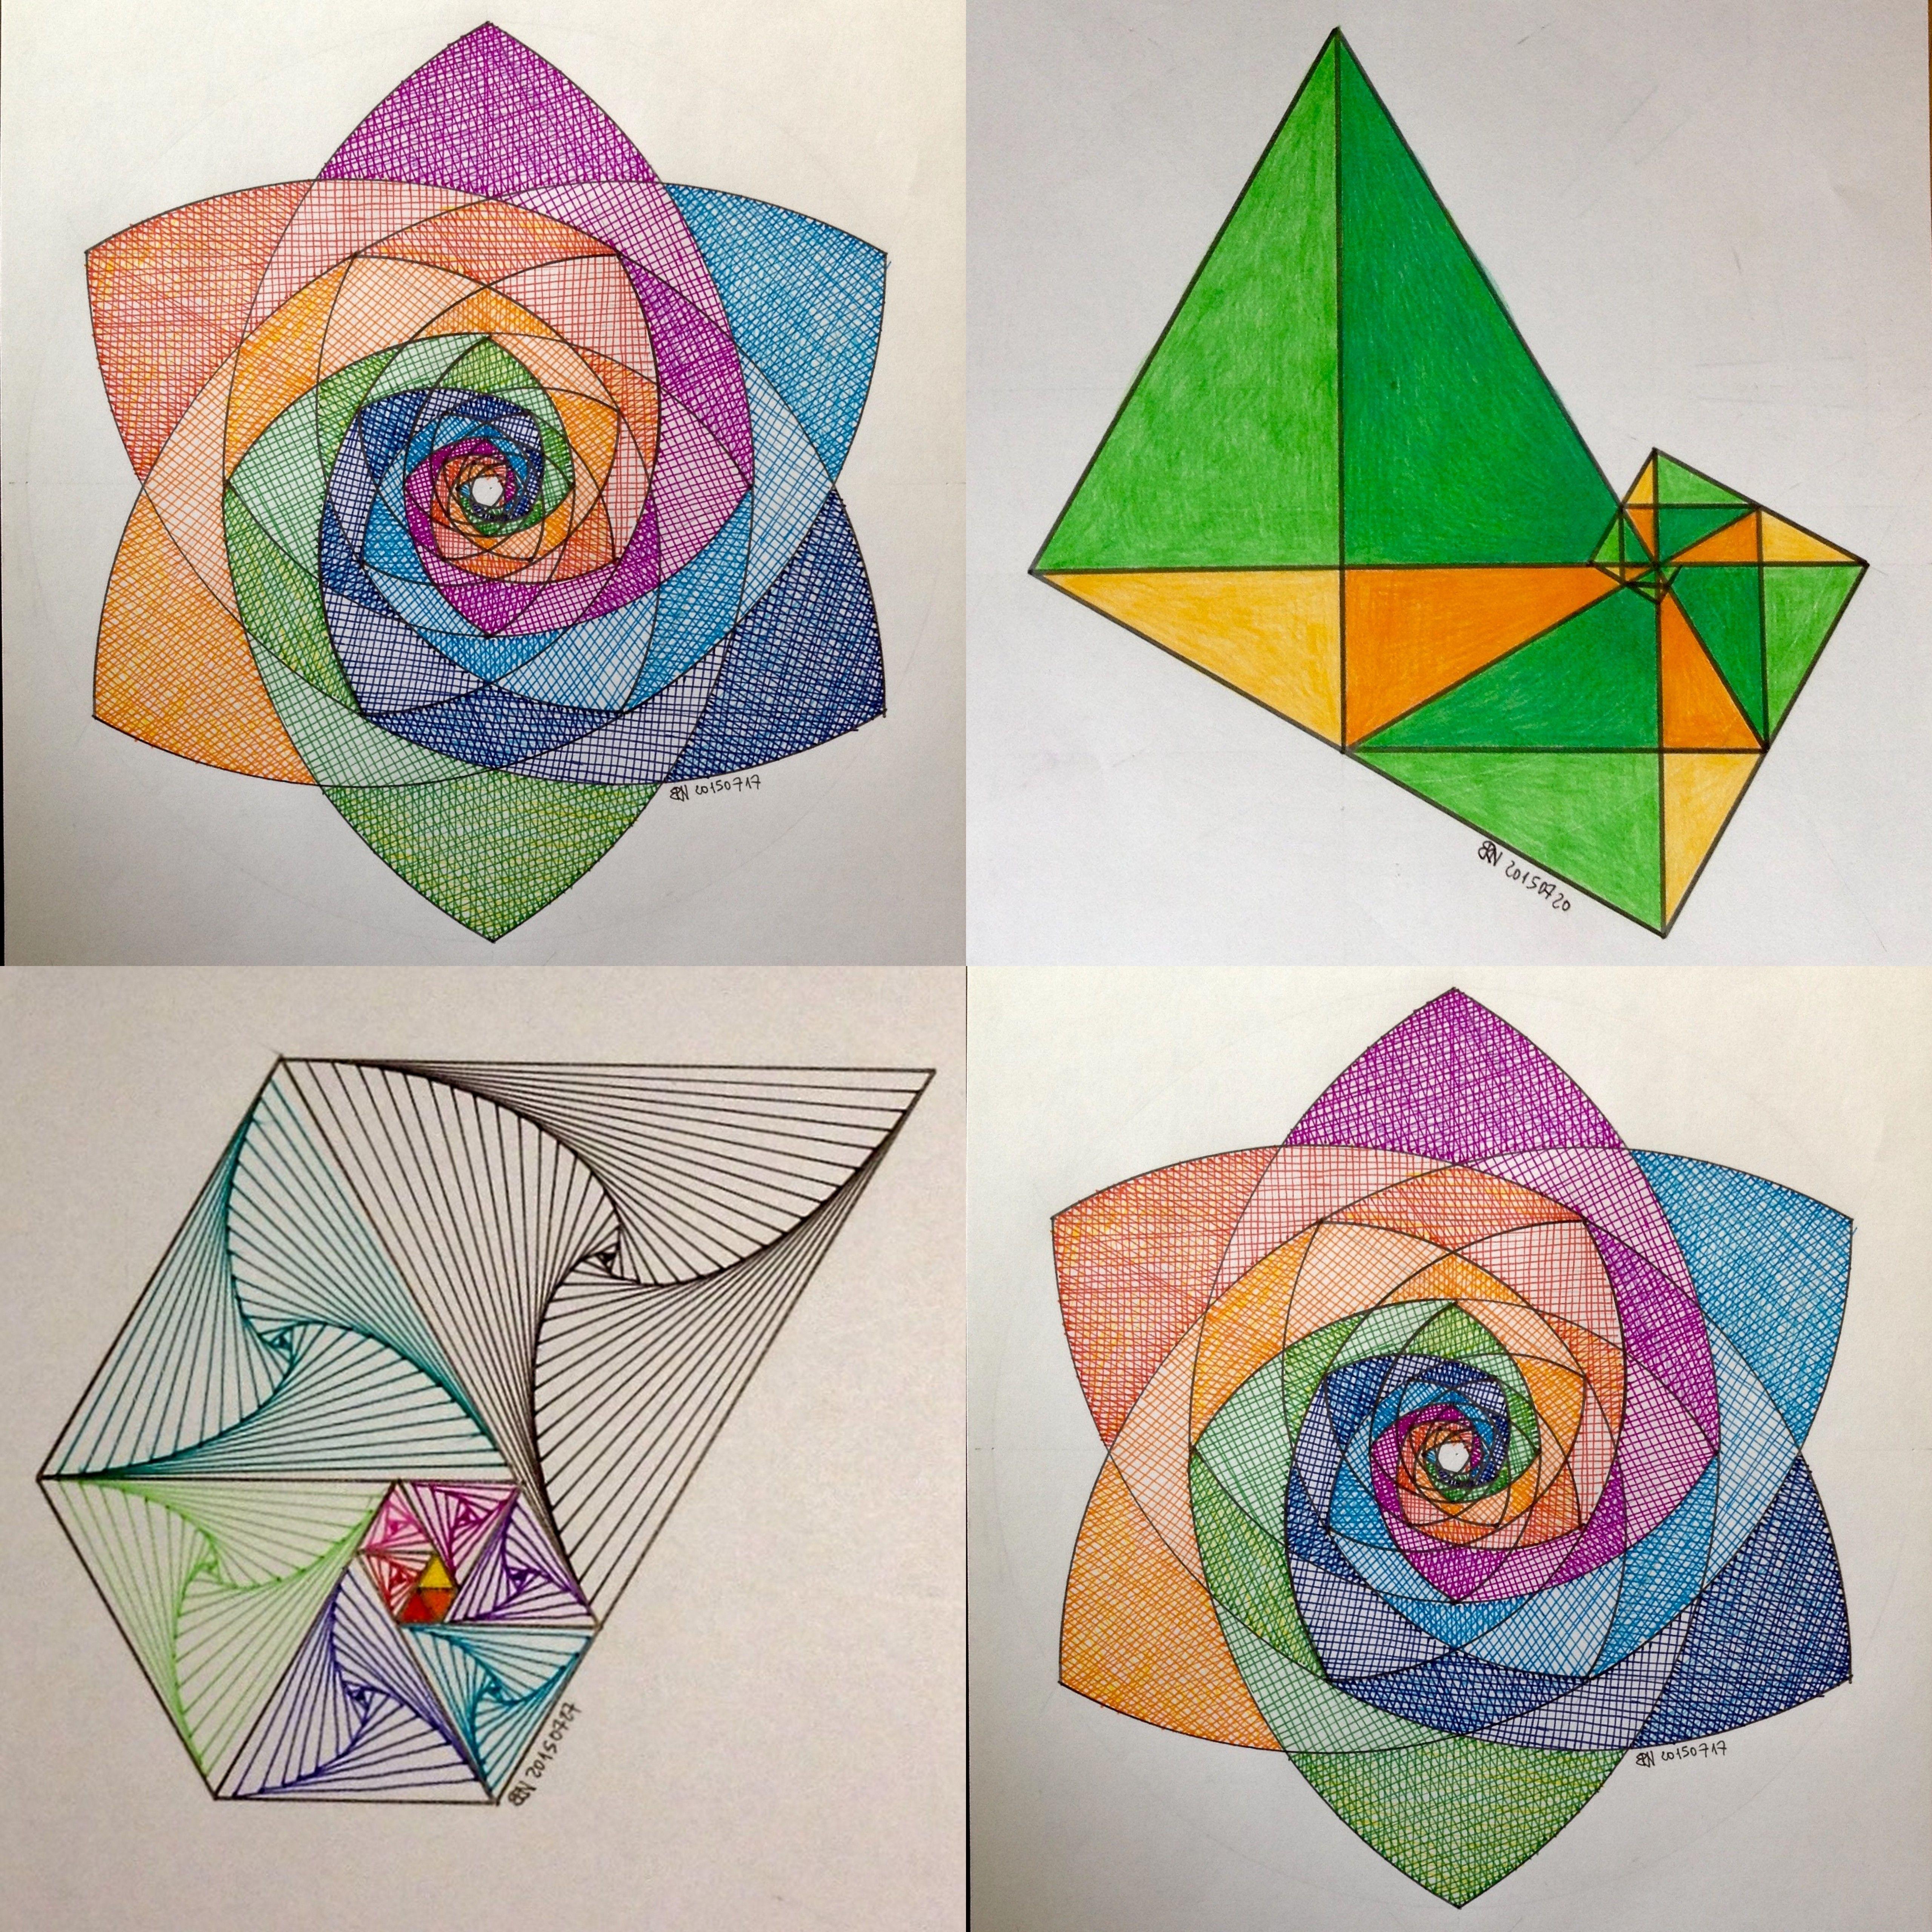 Regolo54 Impossible Geometry Symmetry Pattern